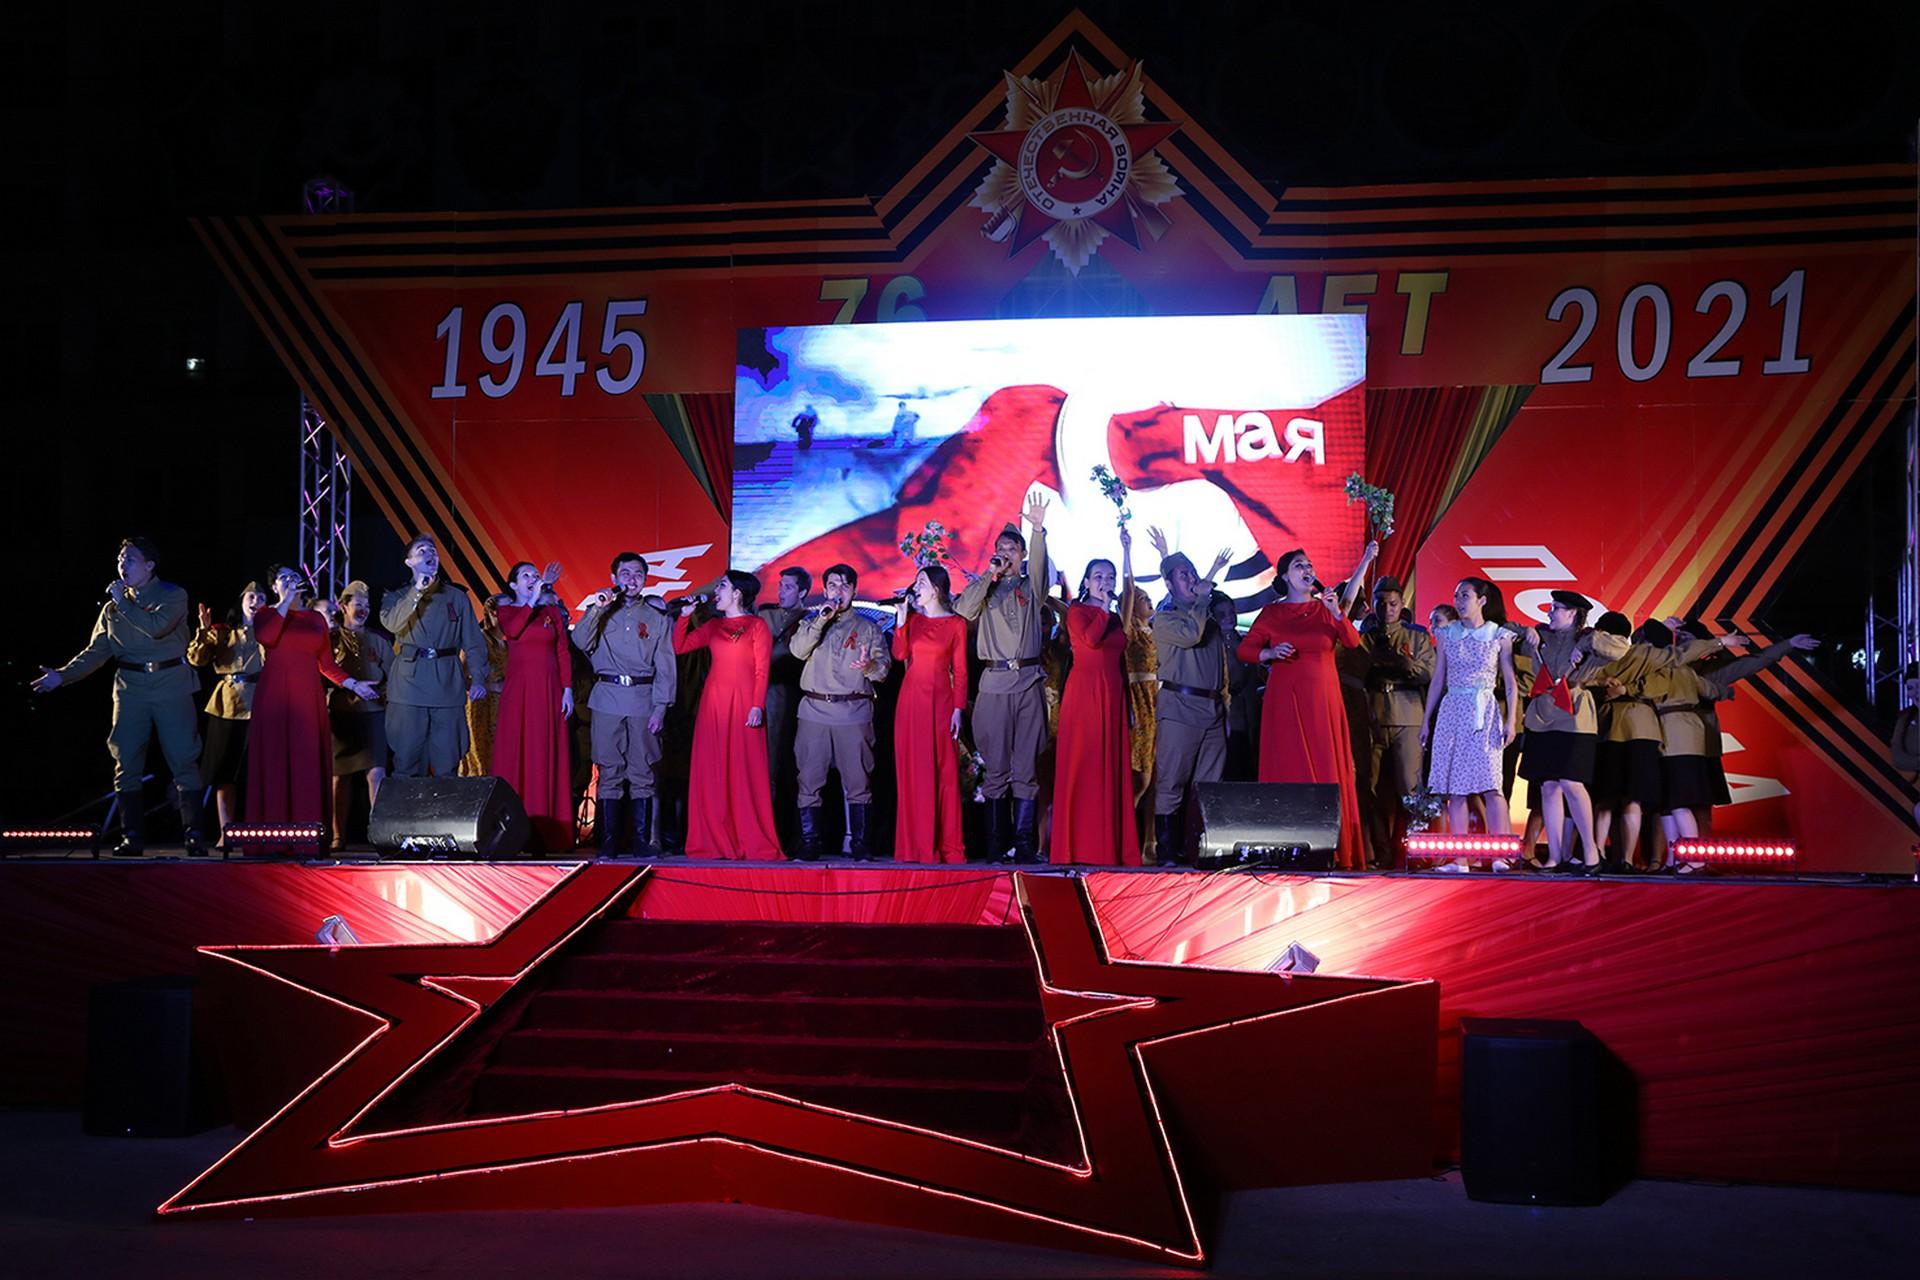 Празднование Дня Победы в Байконуре завершилось большим концертом и праздничным салютом